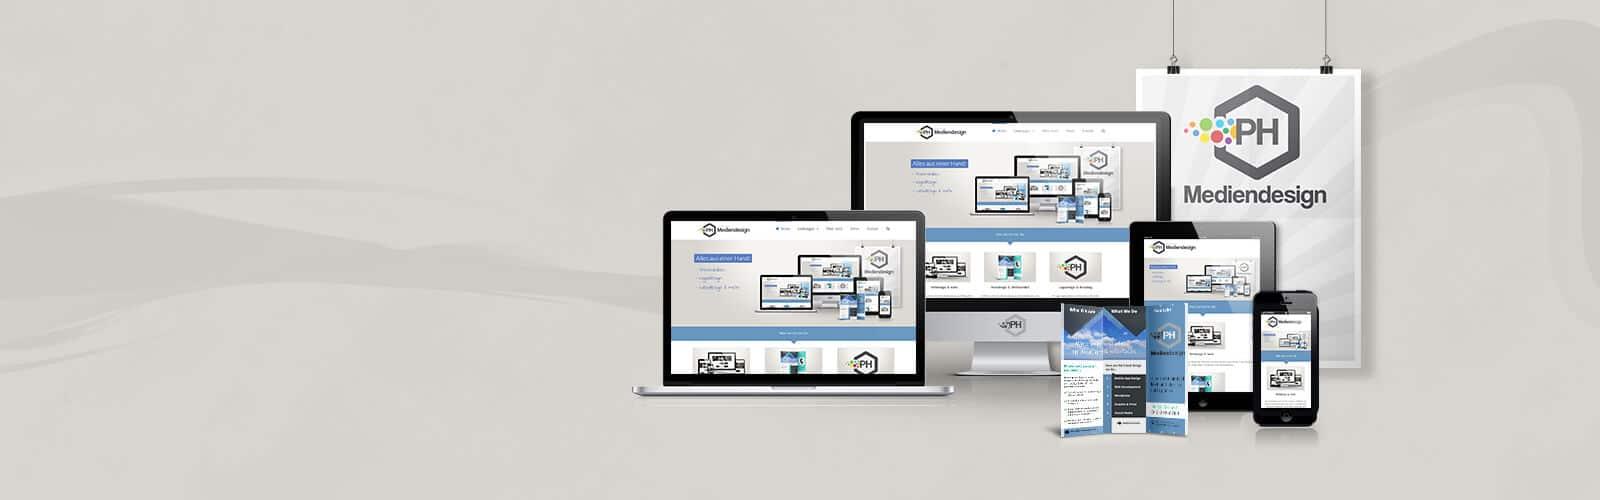 Patrick Heil Mediendesign